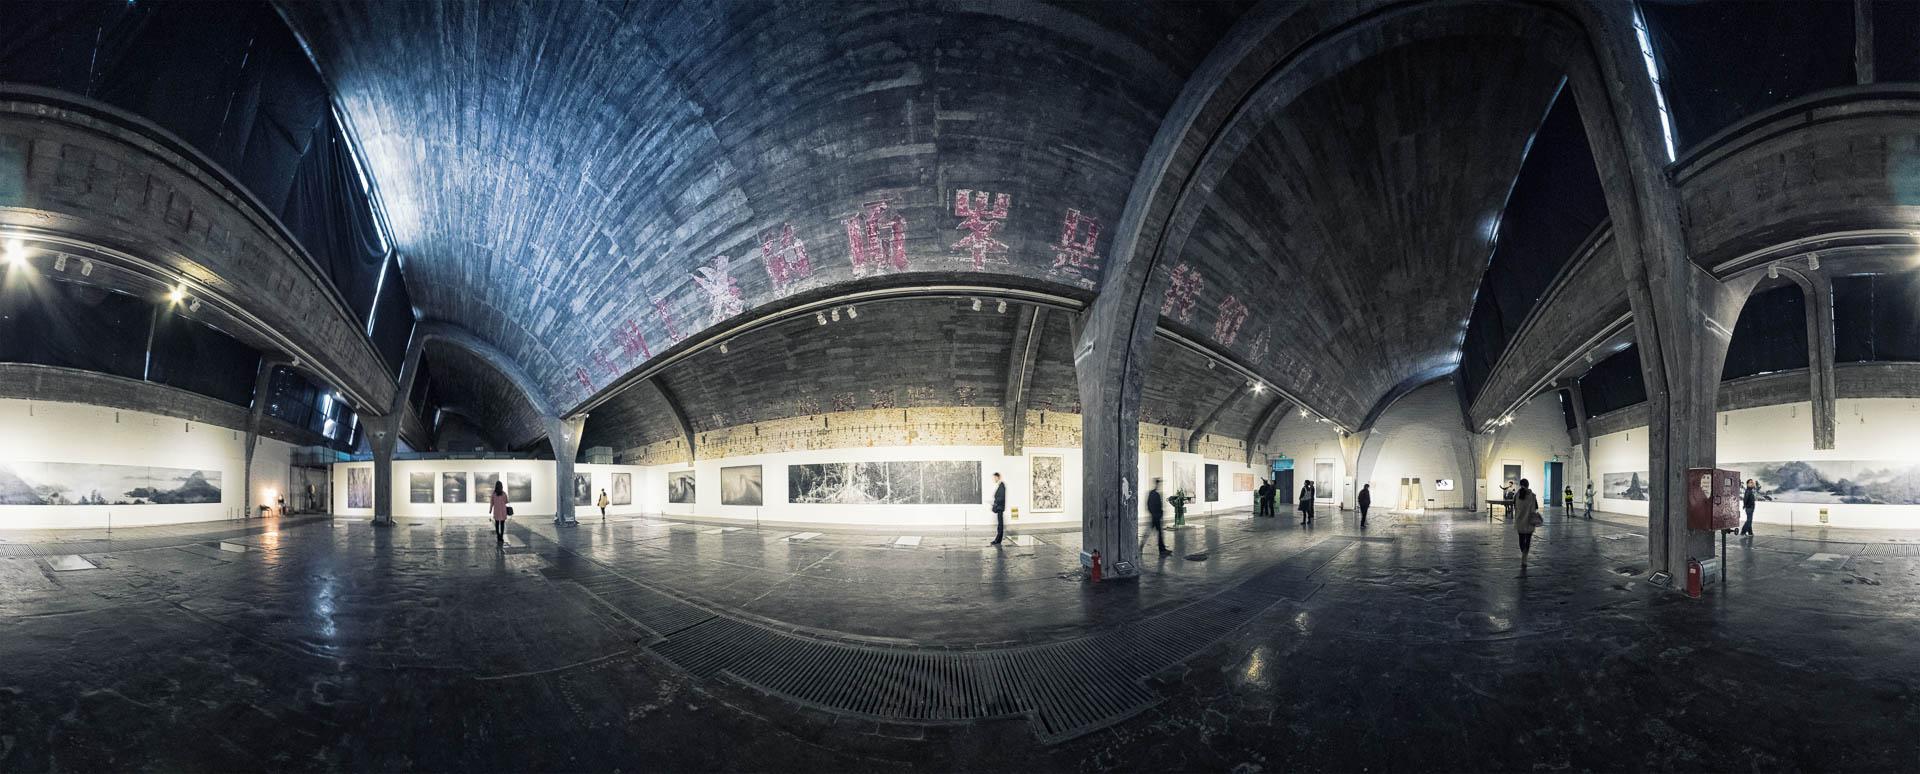 798 Art Space Beijing by Tobi Bohn Panorama 360 Fotograf